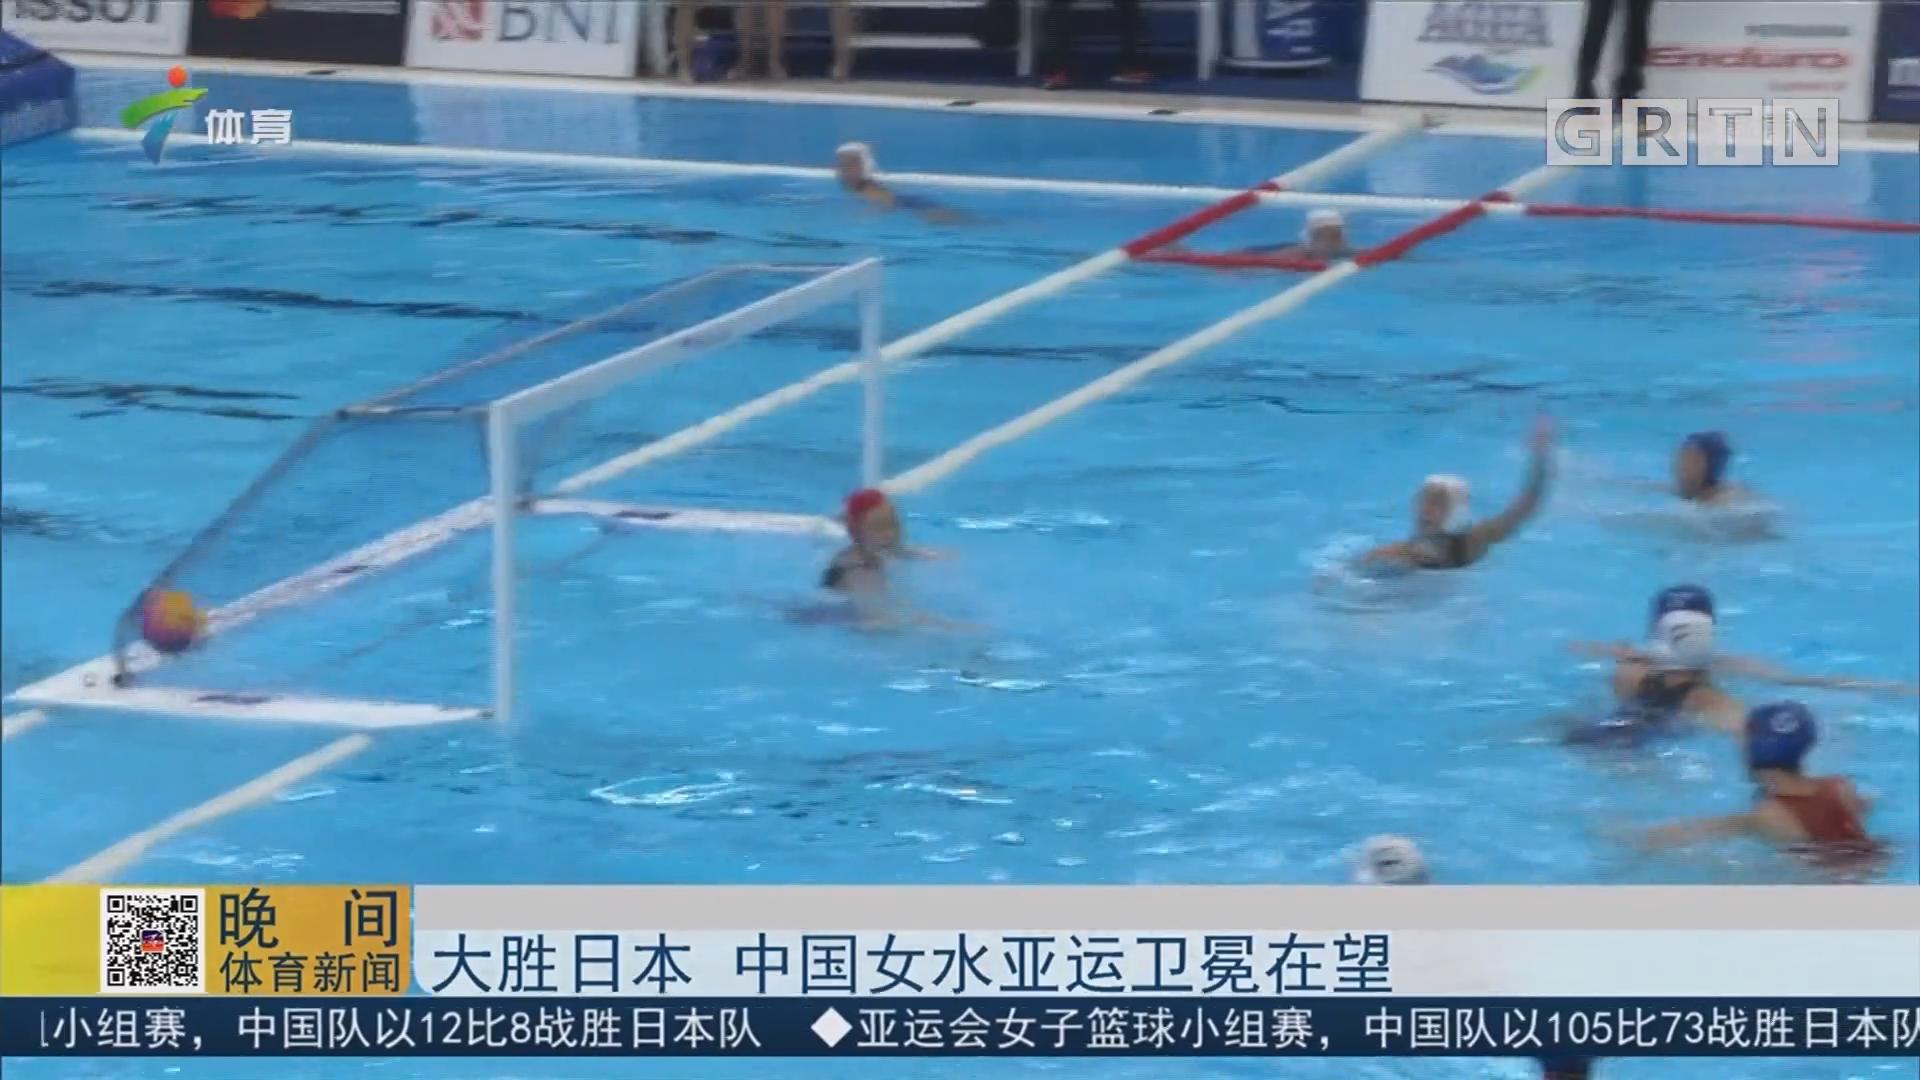 大胜日本 中国女水亚运卫冕在望